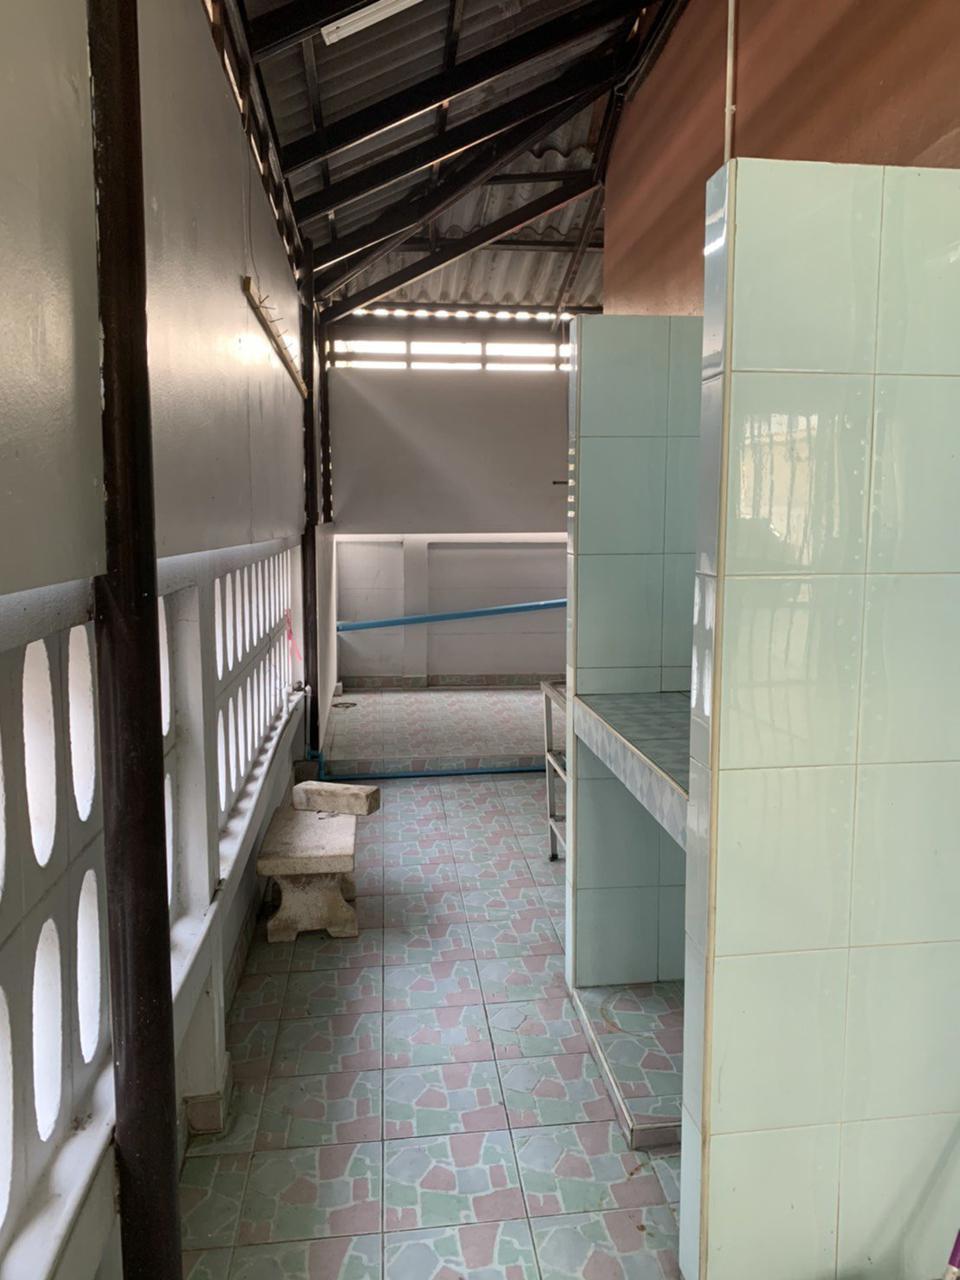 ให้เช่าบ้านเดี่ยว 2 ชั้นซอยนวลจันทร์ 4 ห้องนอน 2 ห้องน้ำ รูปที่ 6